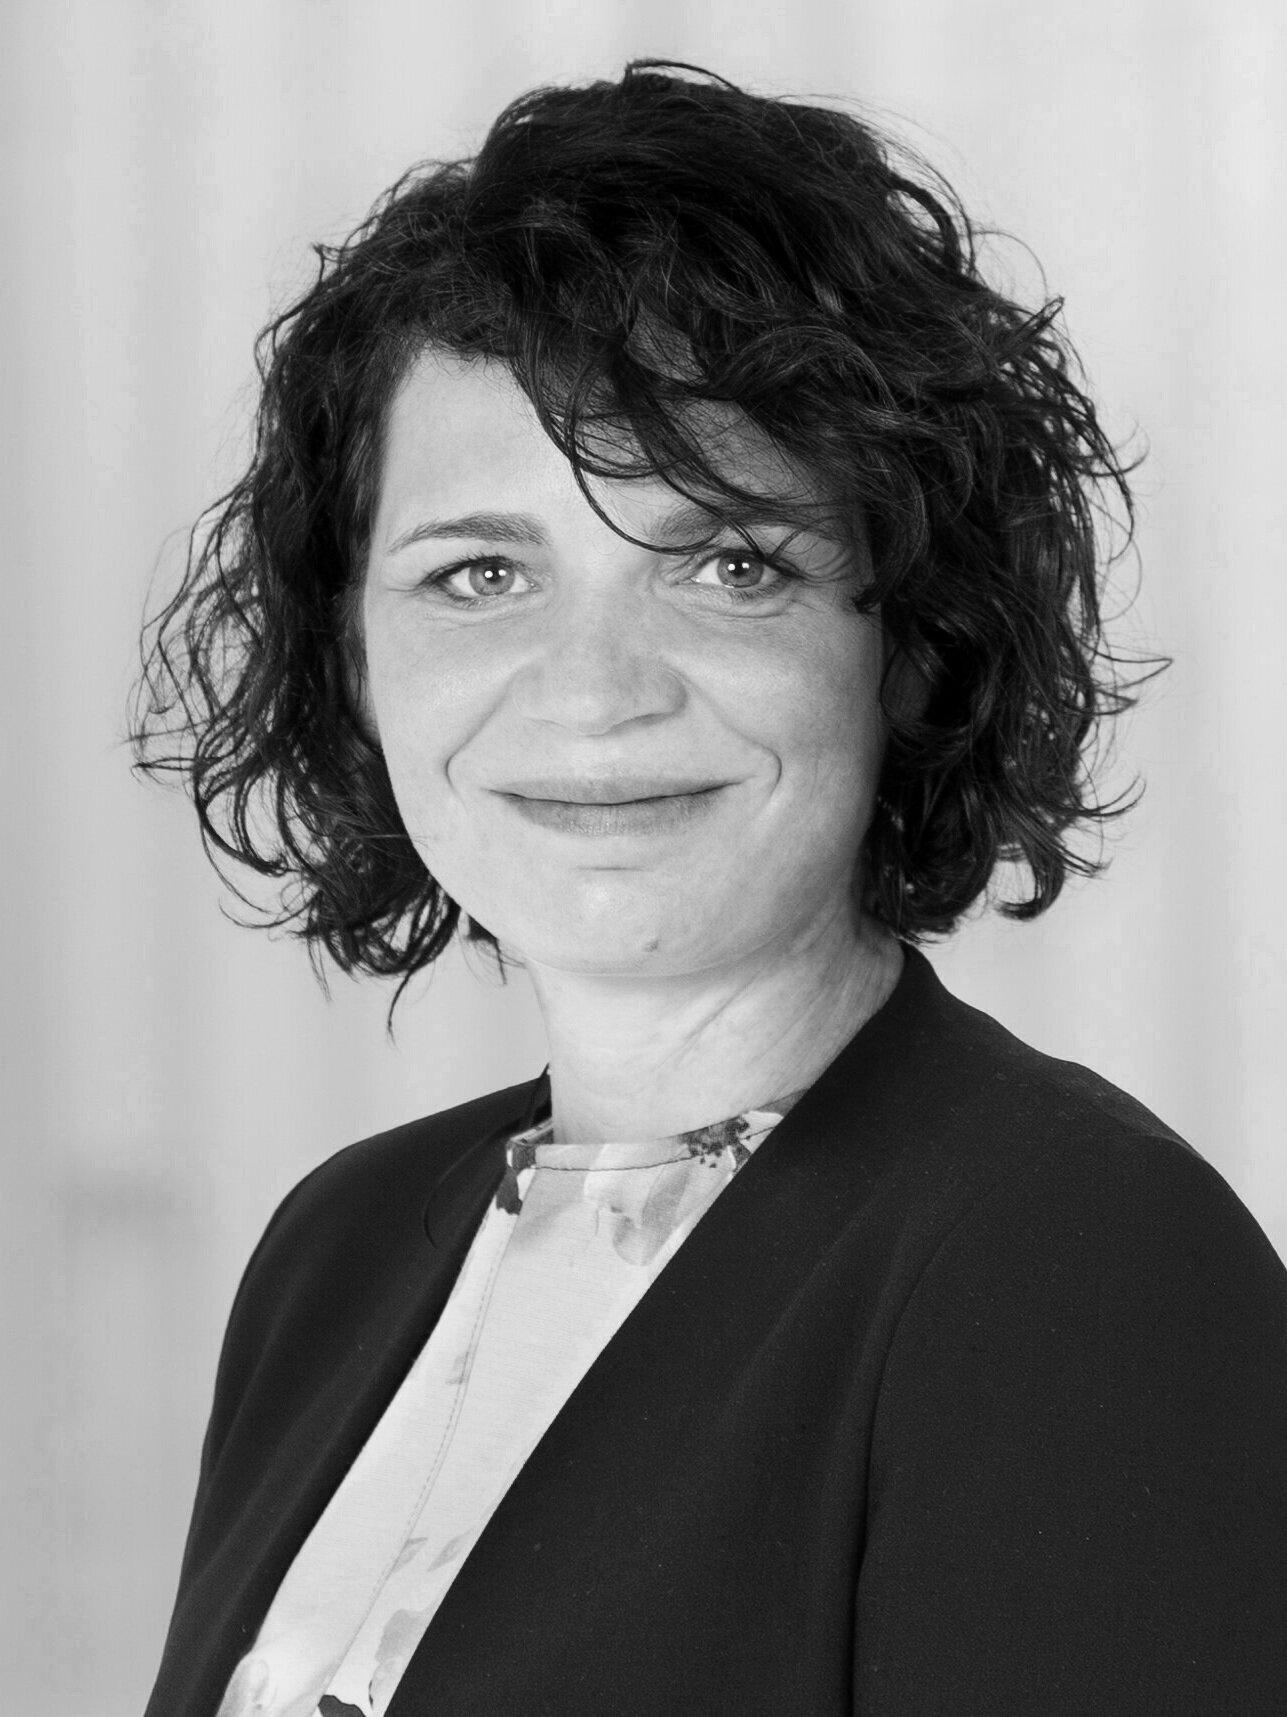 Geneviève Lefebvre - Geneviève Lefebvre assume au CRIQ le rôle de Gestionnaire d'initiatives Industrie 4.0. À ce titre, elle travaille notamment à l'élaboration de moyens novateurs pour accélérer le déploiement du concept d'usine du futur (industrie 4.0, intelligence artificielle) dans les entreprises et prend part également au positionnement et à l'enrichissement des expertises du CRIQ liées aux défis de la transformation numérique des industriels québécois. Par le passé, Mme Lefebvre a assumé au CEFRIO la direction de programmes tels que PME 2.0/PME 4.0 au CEFRIO qui a accompagné plus de 600 entreprises. Elle a ainsi développé un réseau et une expertise unique dans la conception et la réalisation d'approches d'accompagnement d'entreprises pour faciliter l'adoption technologique, intensifier l'usage du numérique et aussi innover sur le plan des façons de faire et des modèles d'affaires. Au cours des dernières années, Genevieve Lefebvre a été particulièrement active dans les domaines manufacturiers, notamment dans l'aérospatiale, et plus récemment, dans le secteur minier et les ressources naturelles en donnant une quarantaine de conférences et formations. Mme Lefebvre cumule plus de 15 années d'expérience en développement économique, notamment comme consultante chez Innovitech, et en recherche à la Chaire d'entrepreneuriat Roger-J.-A.-Bombardier aux HEC de Montréal.